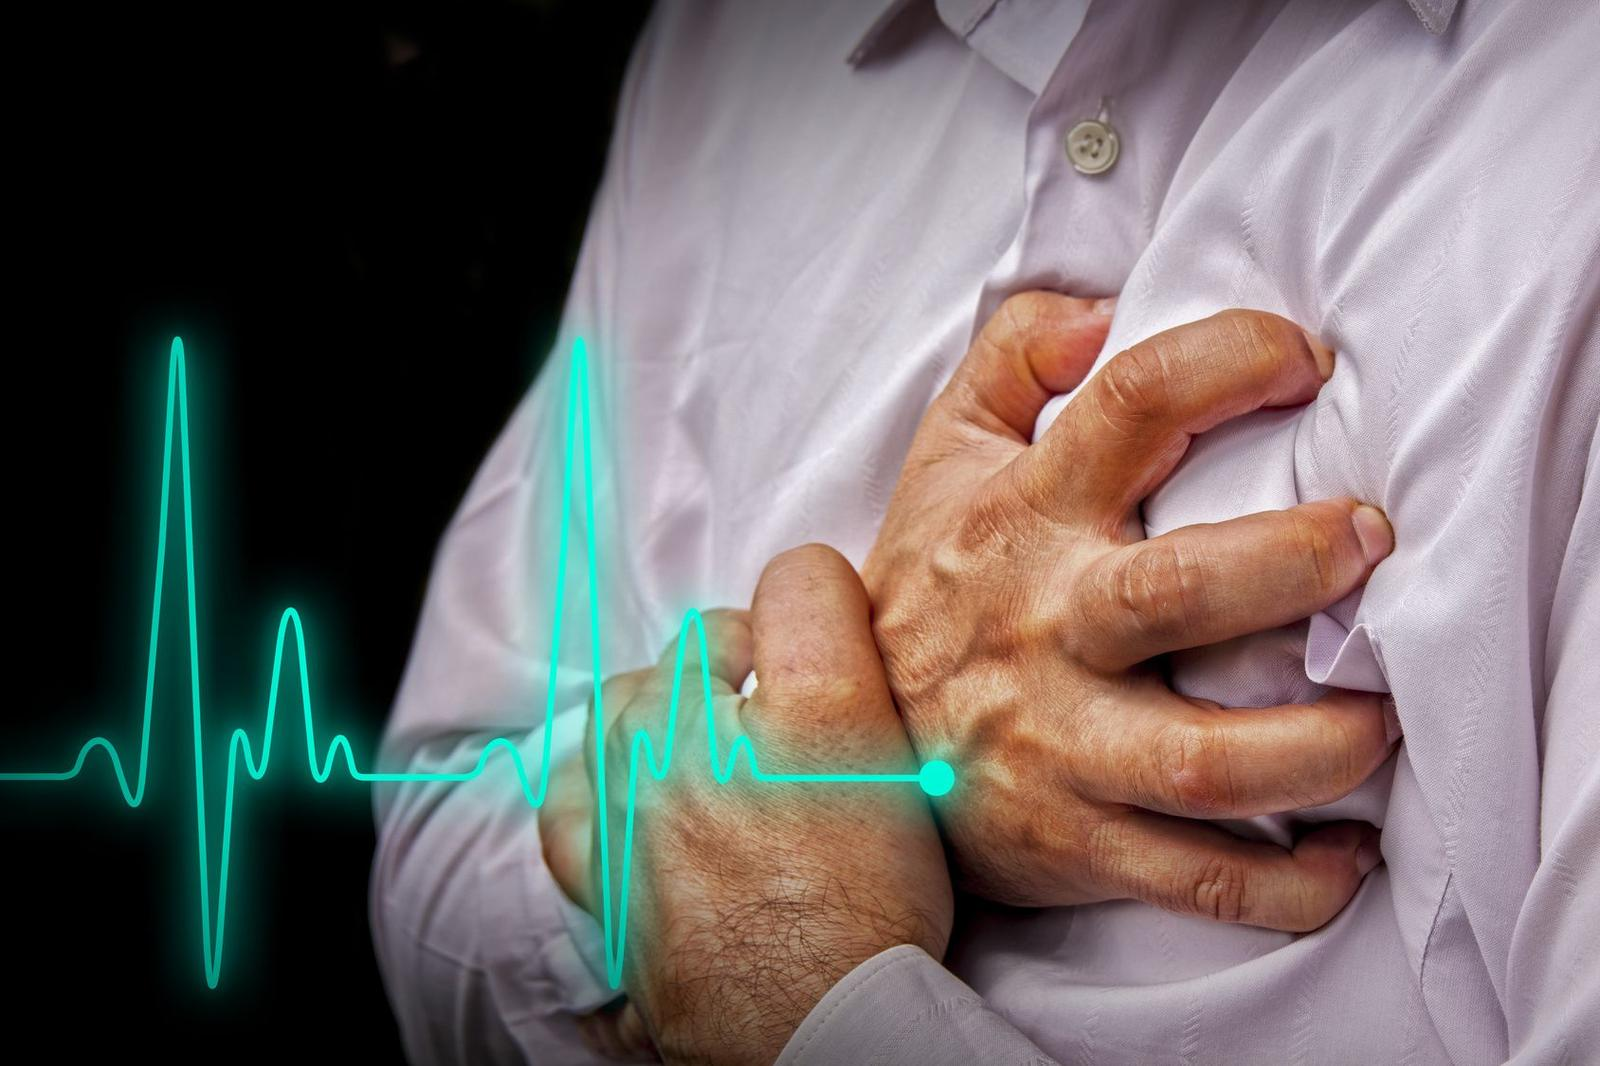 Keturi žingsniai širdžiai, kurie padės gyventi ilgiau | jusukalve.lt